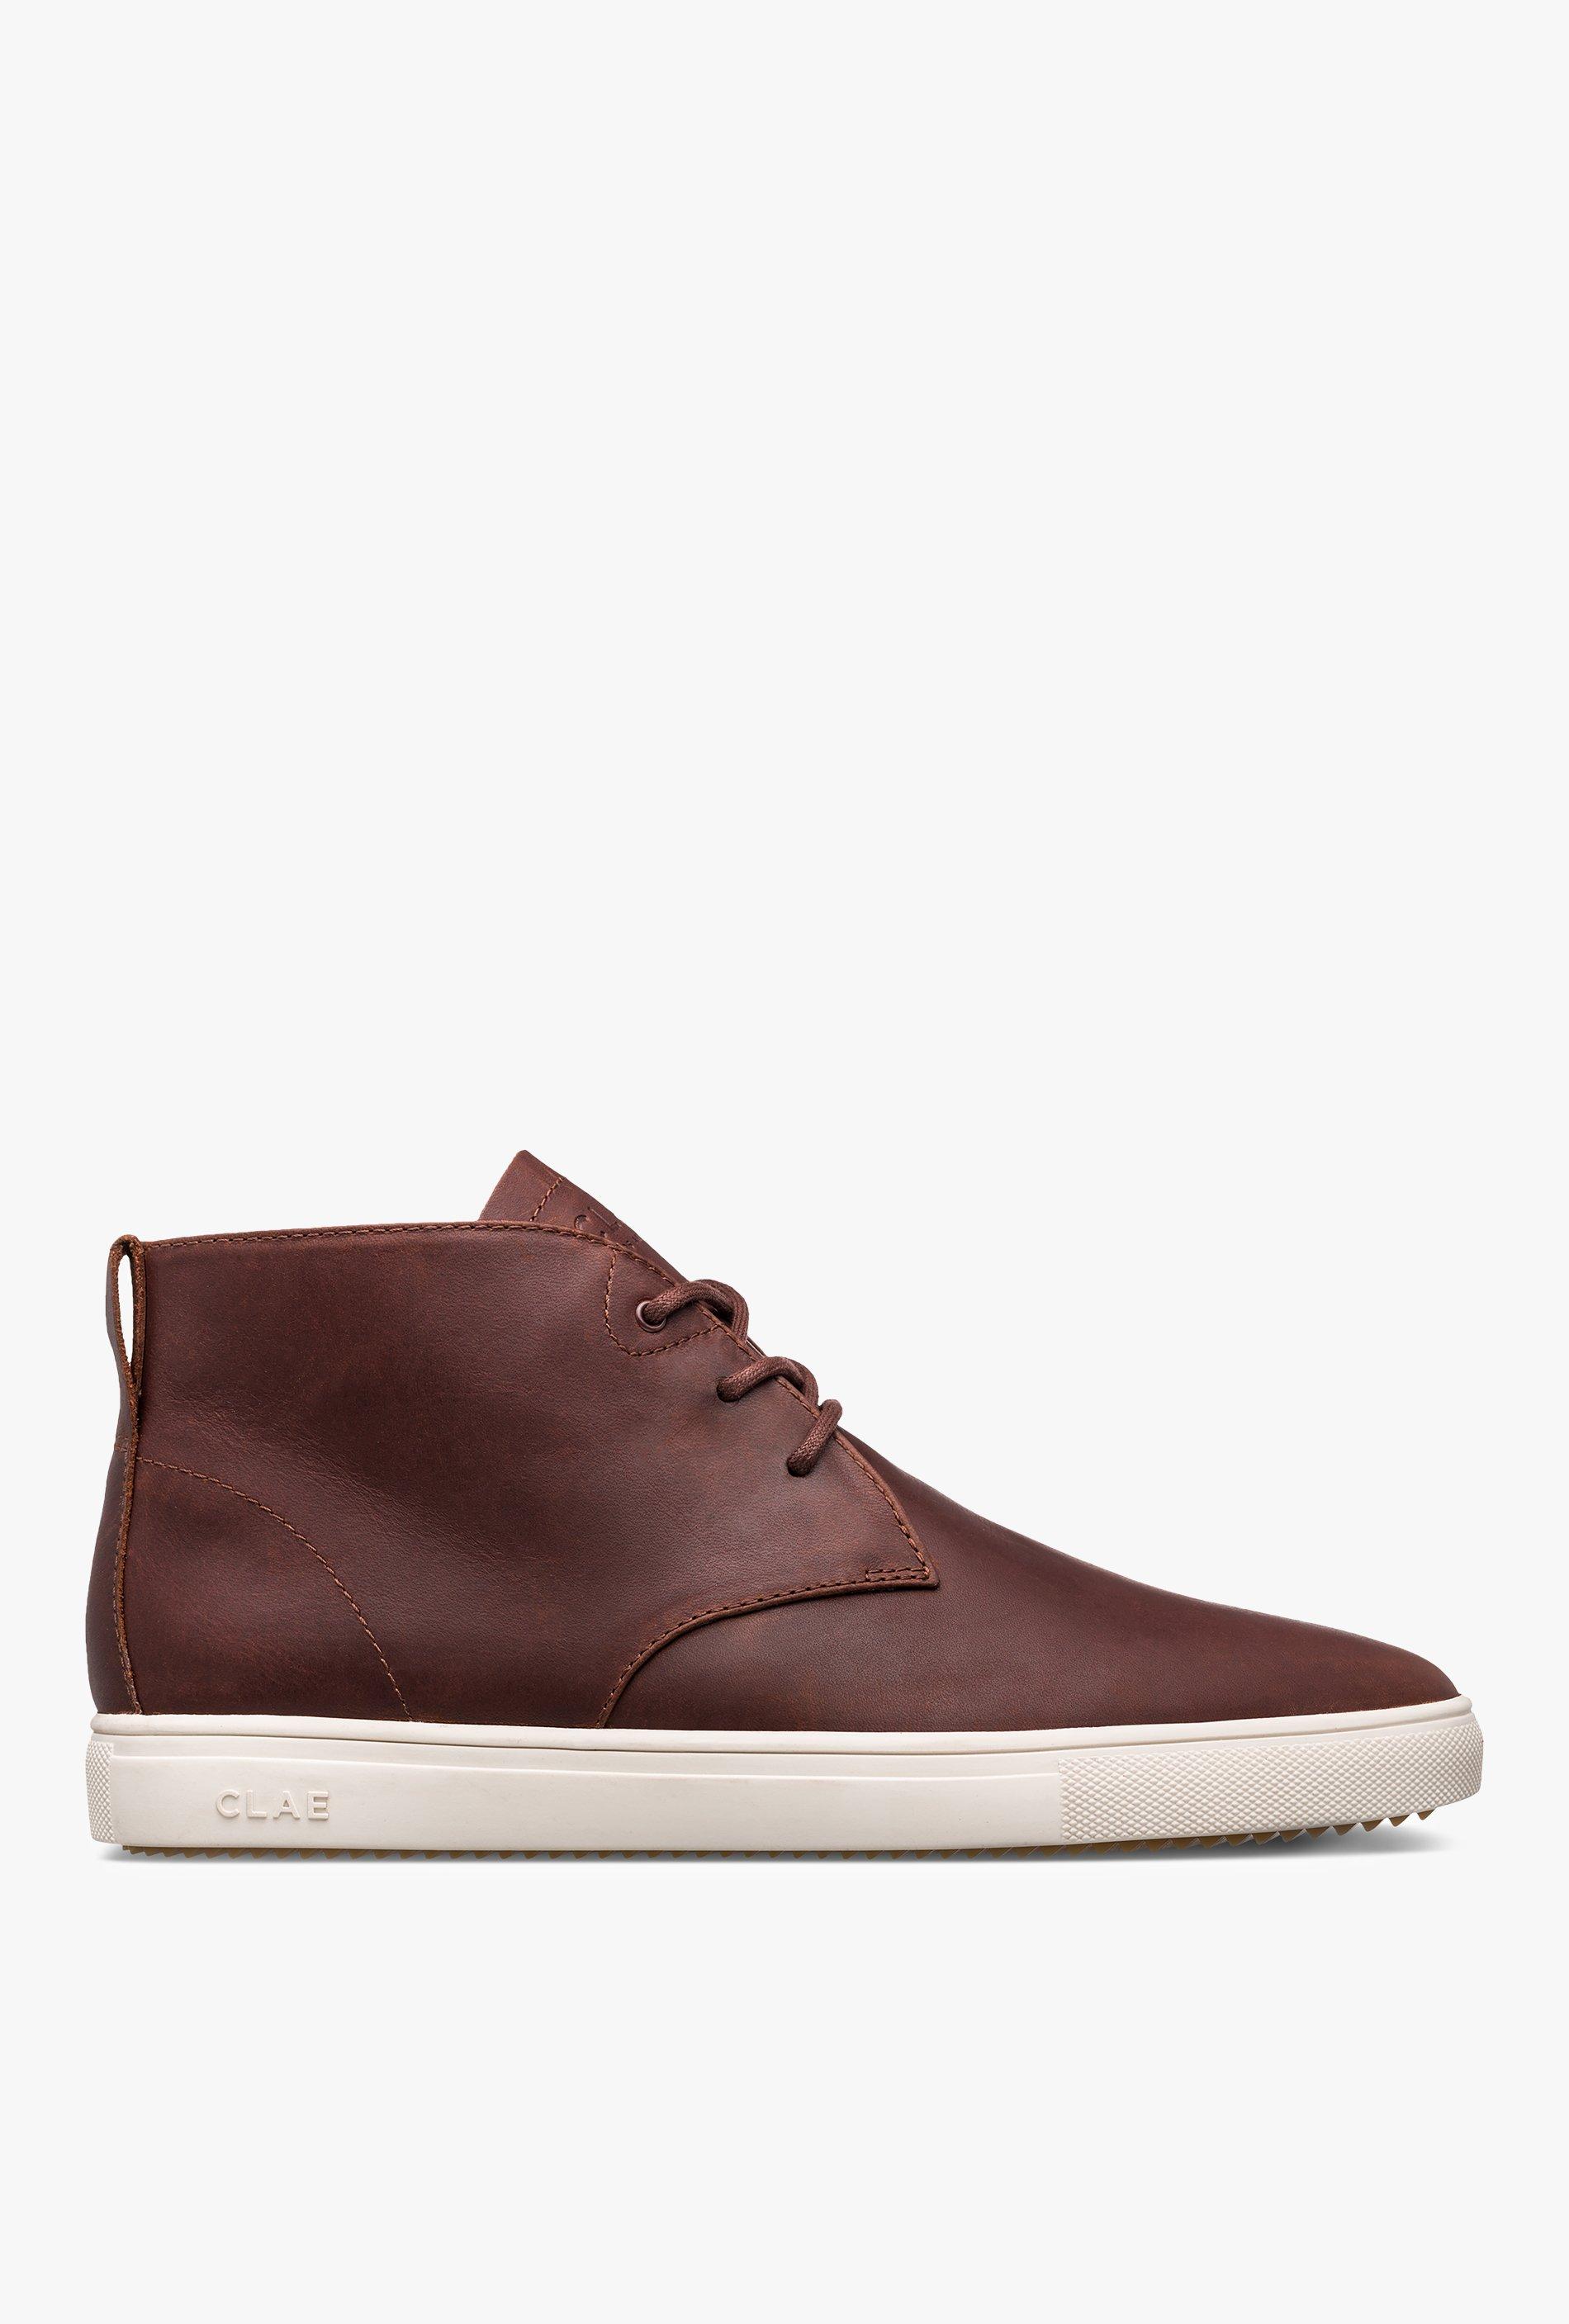 Clae Strayhorn SP Sneaker Chestnut